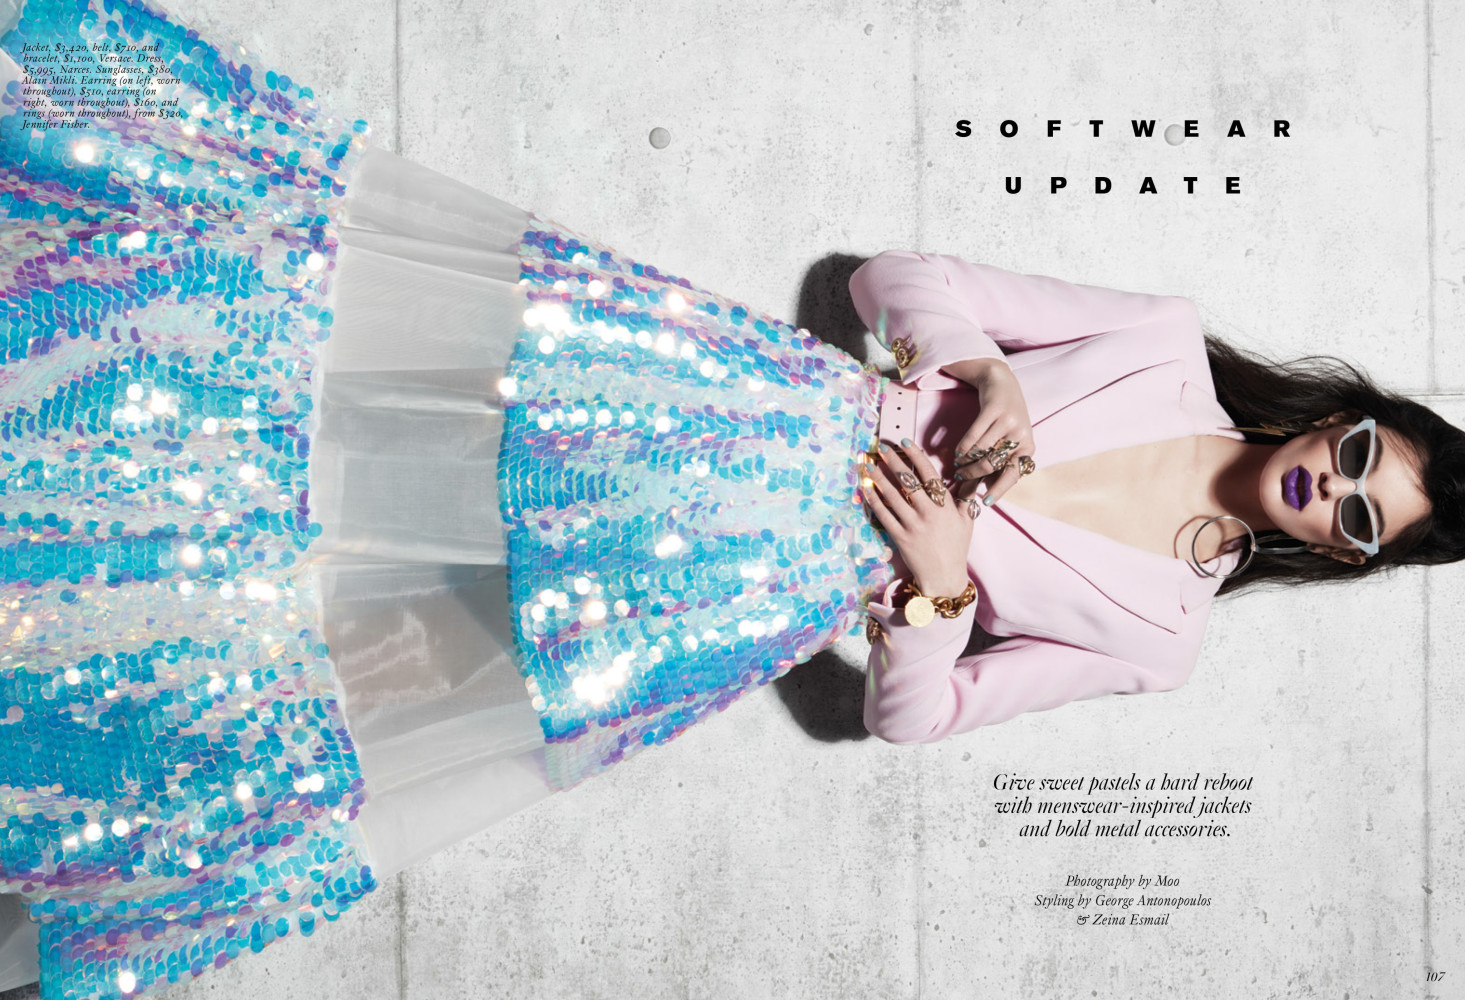 Fashion May 2018 Softwear Update